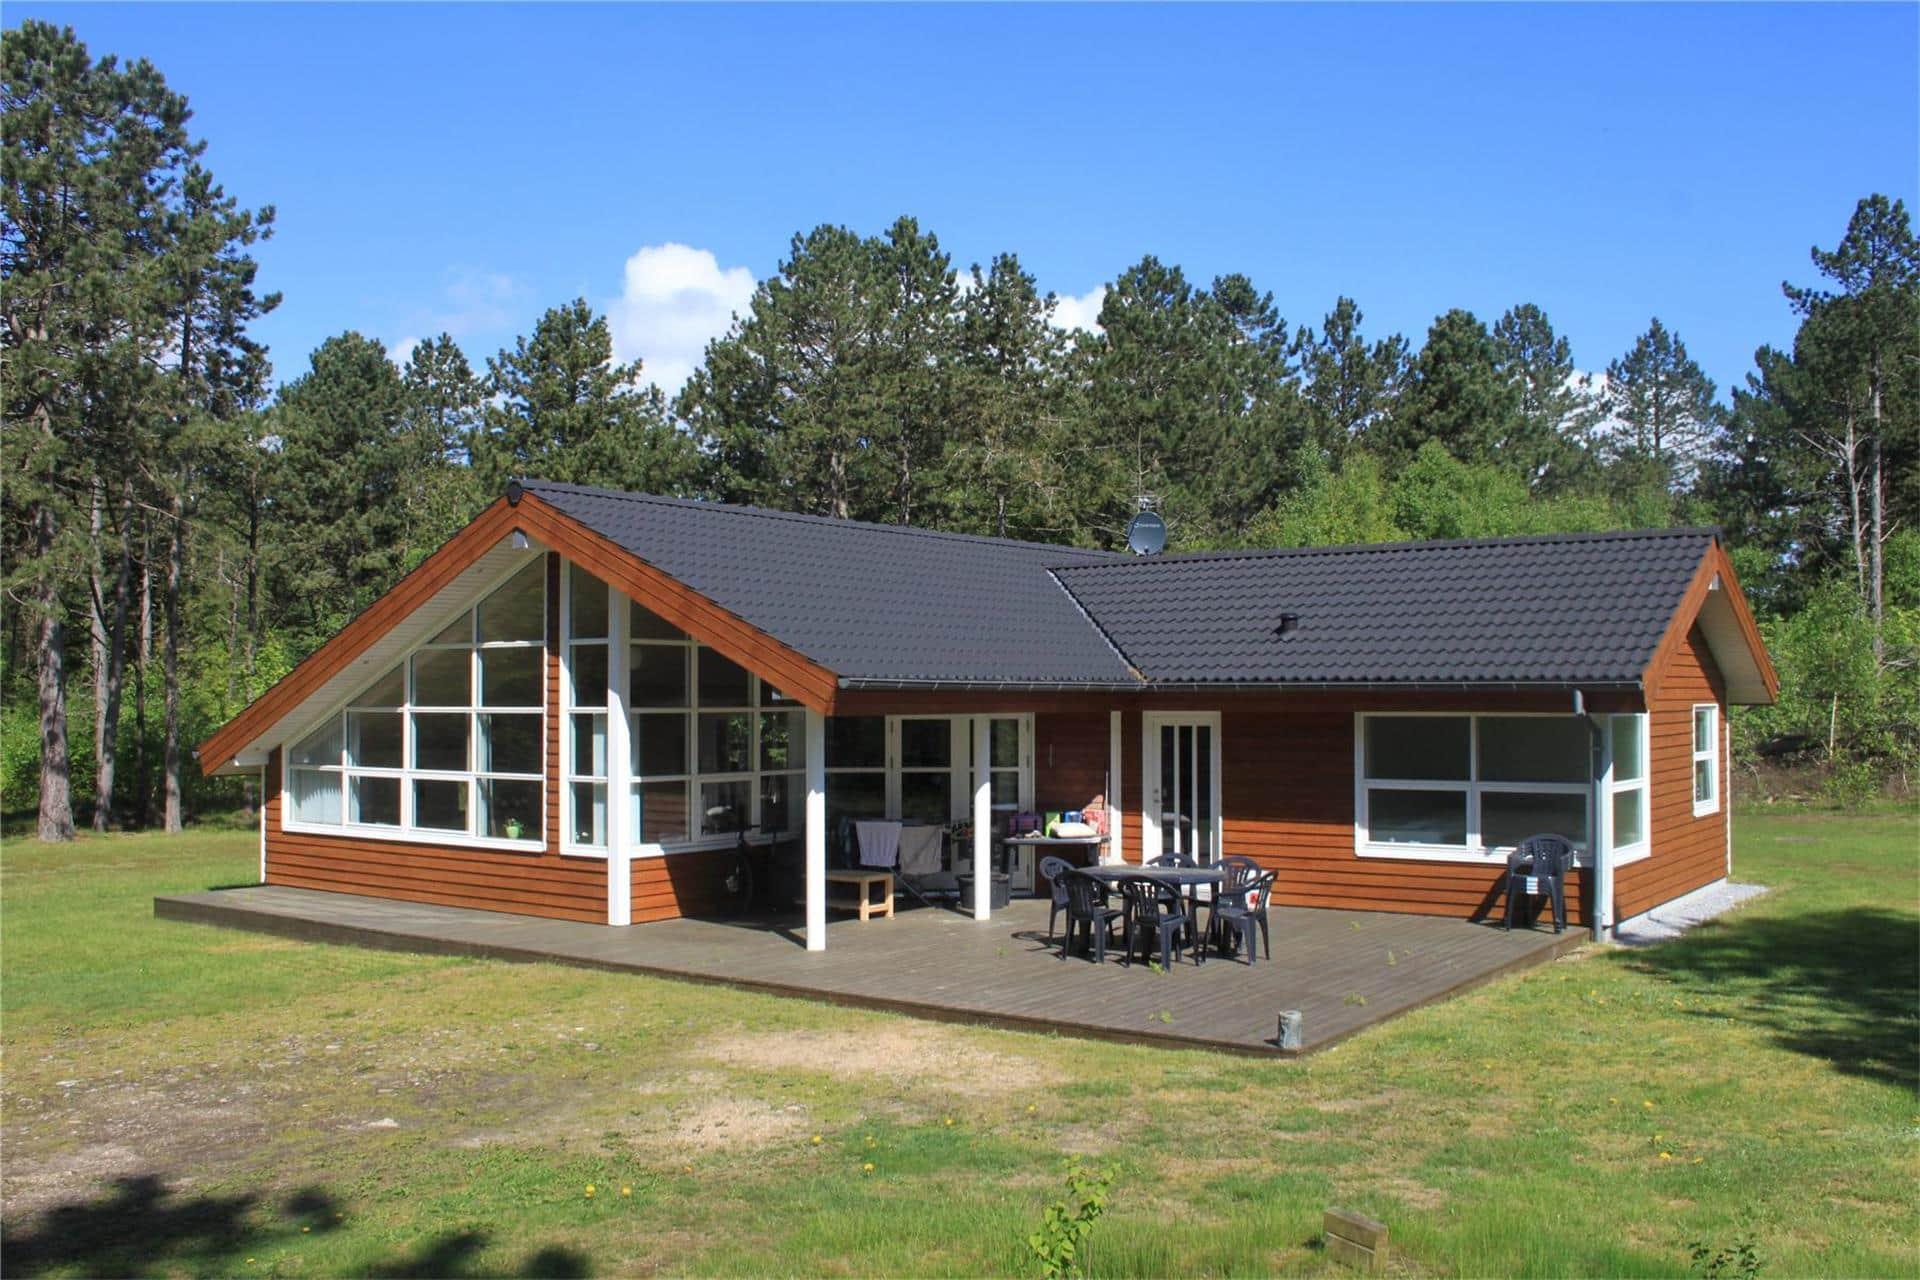 Billede 1-3 Sommerhus L15233, Jelsevej 214, DK - 7840 Højslev